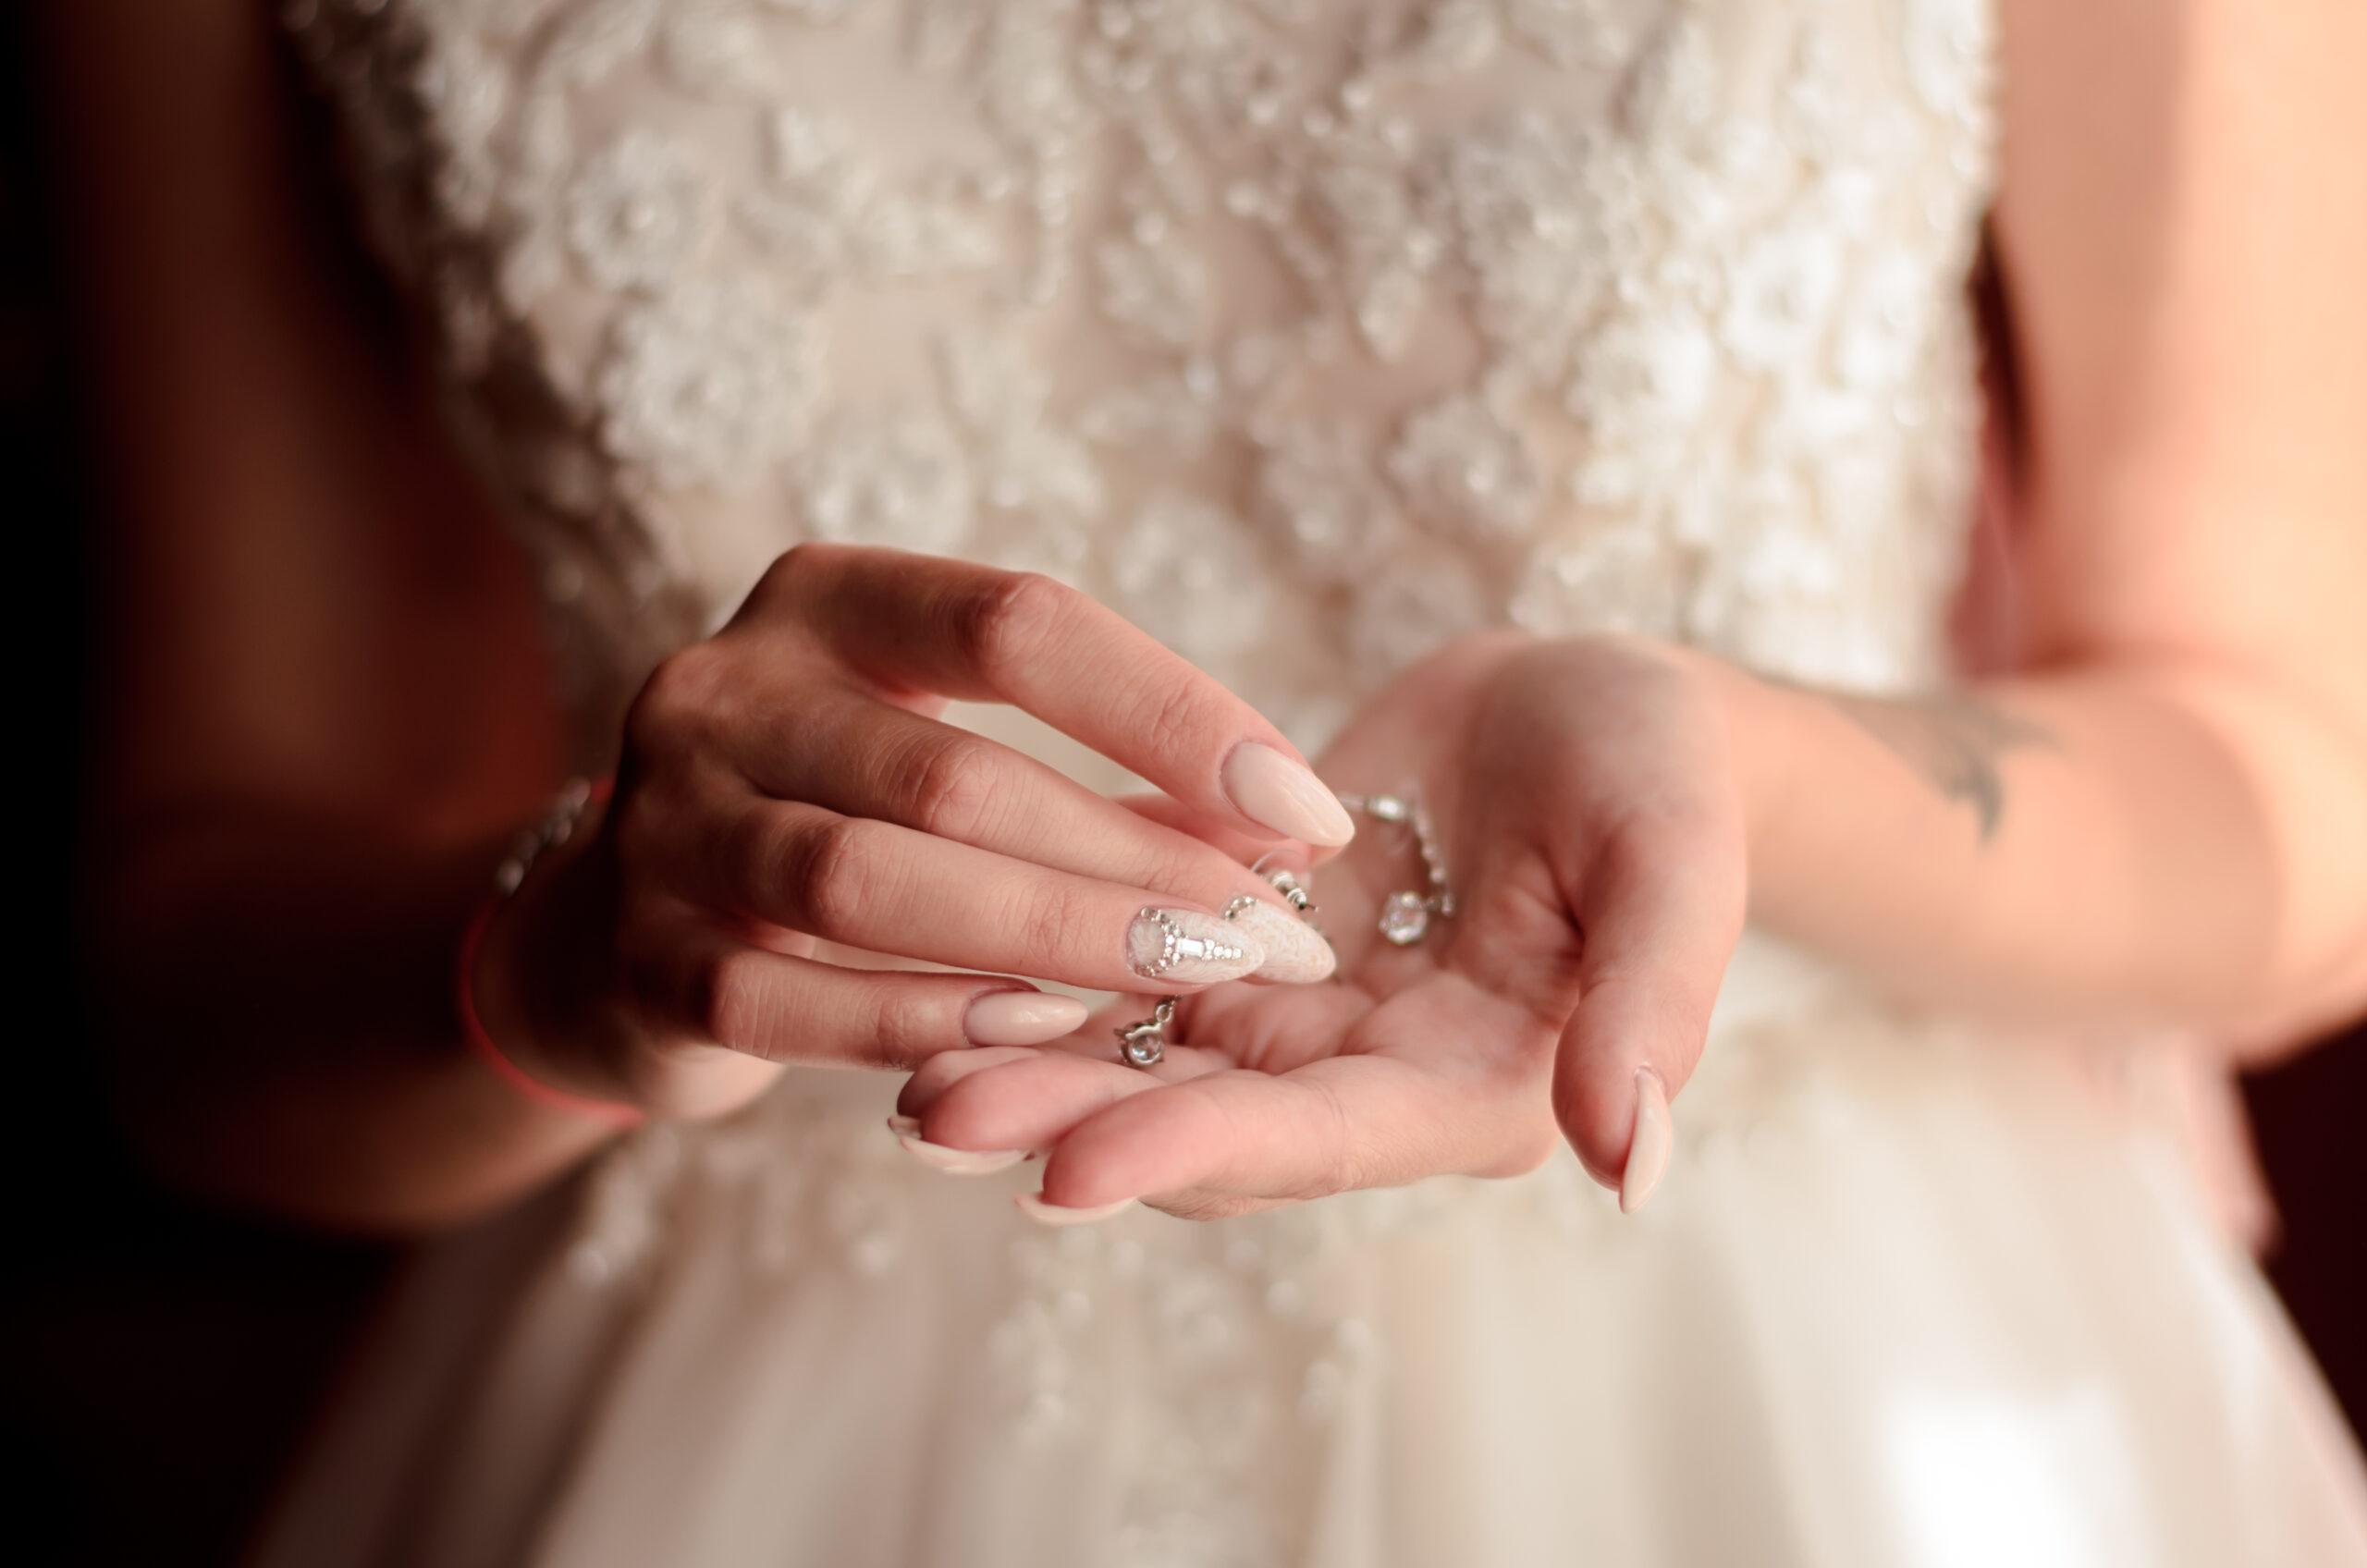 paznokcie ślubne nude z ozdobnymi cyrkoniami na dłoniach panny młodej